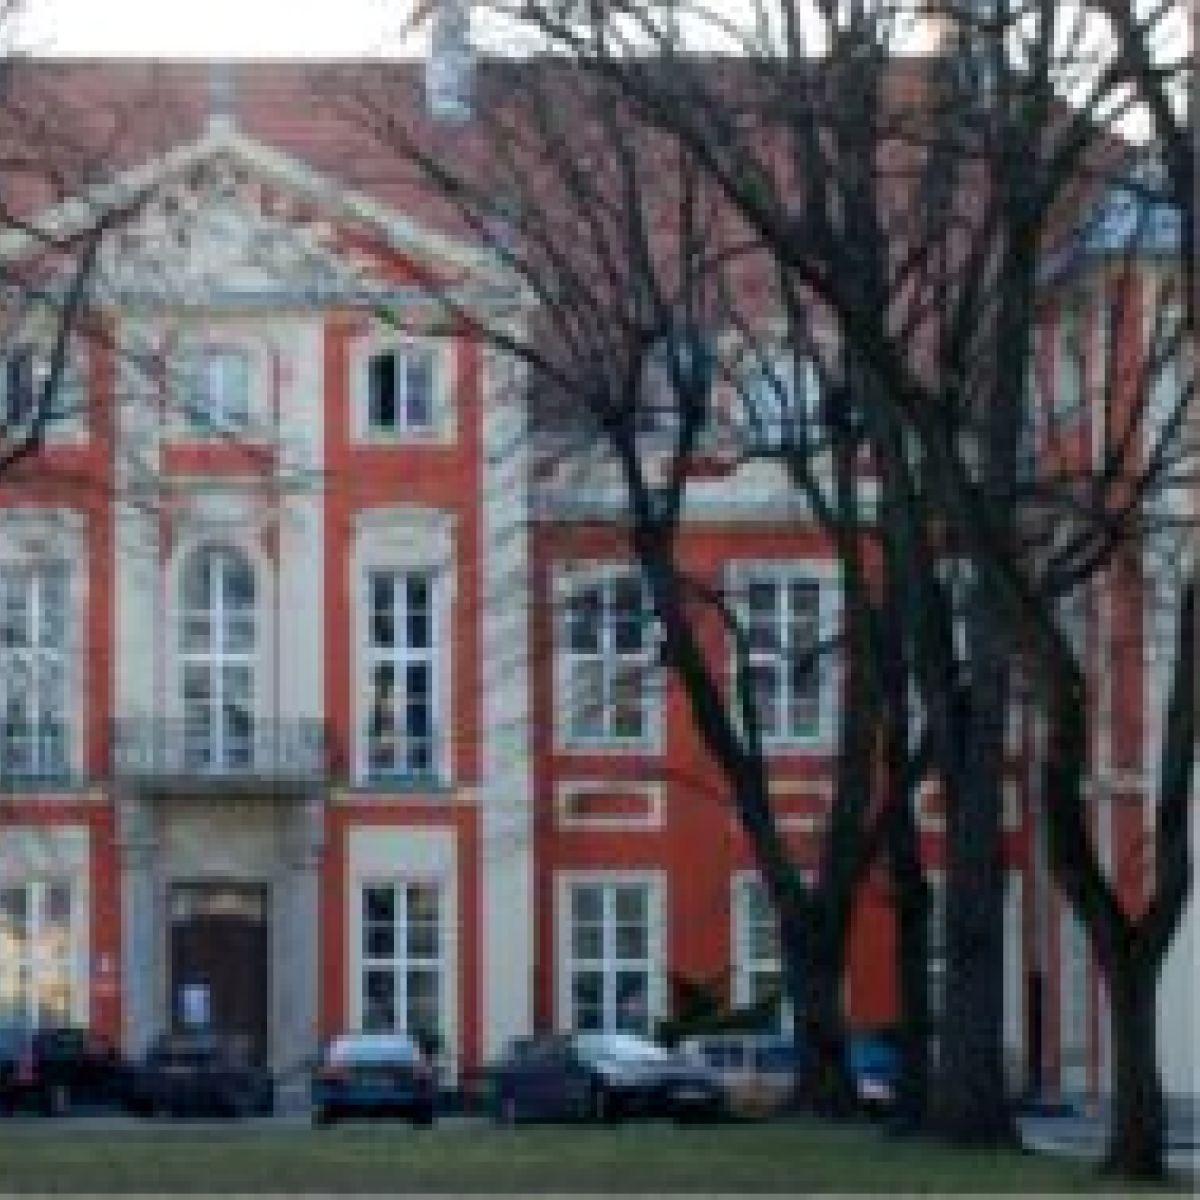 Akademia Sztuk Pięknych w Warszawie